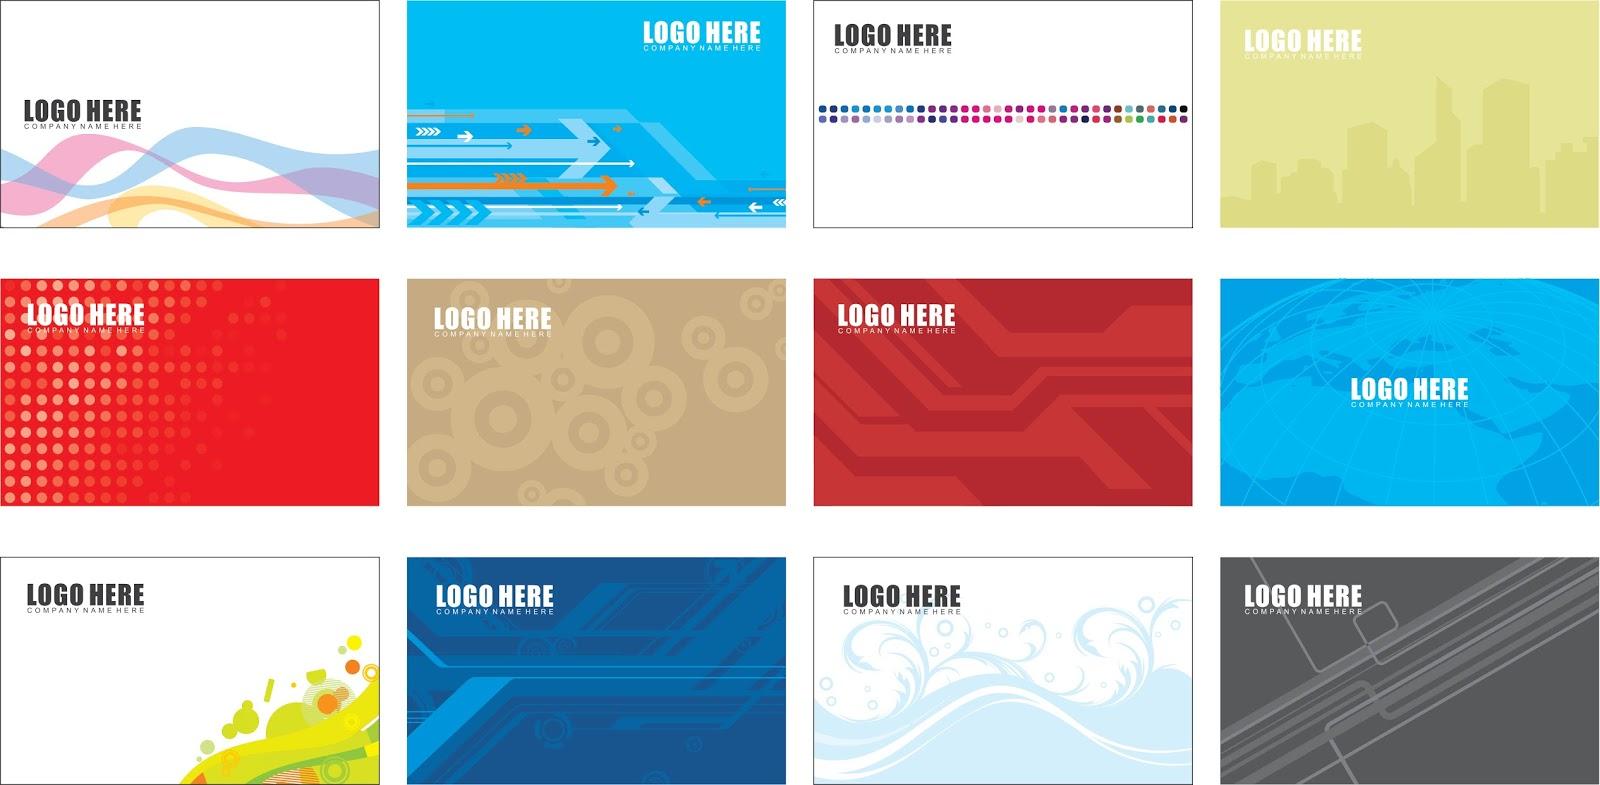 Best Business Card Cdr Images - Business Card Ideas - etadam.info